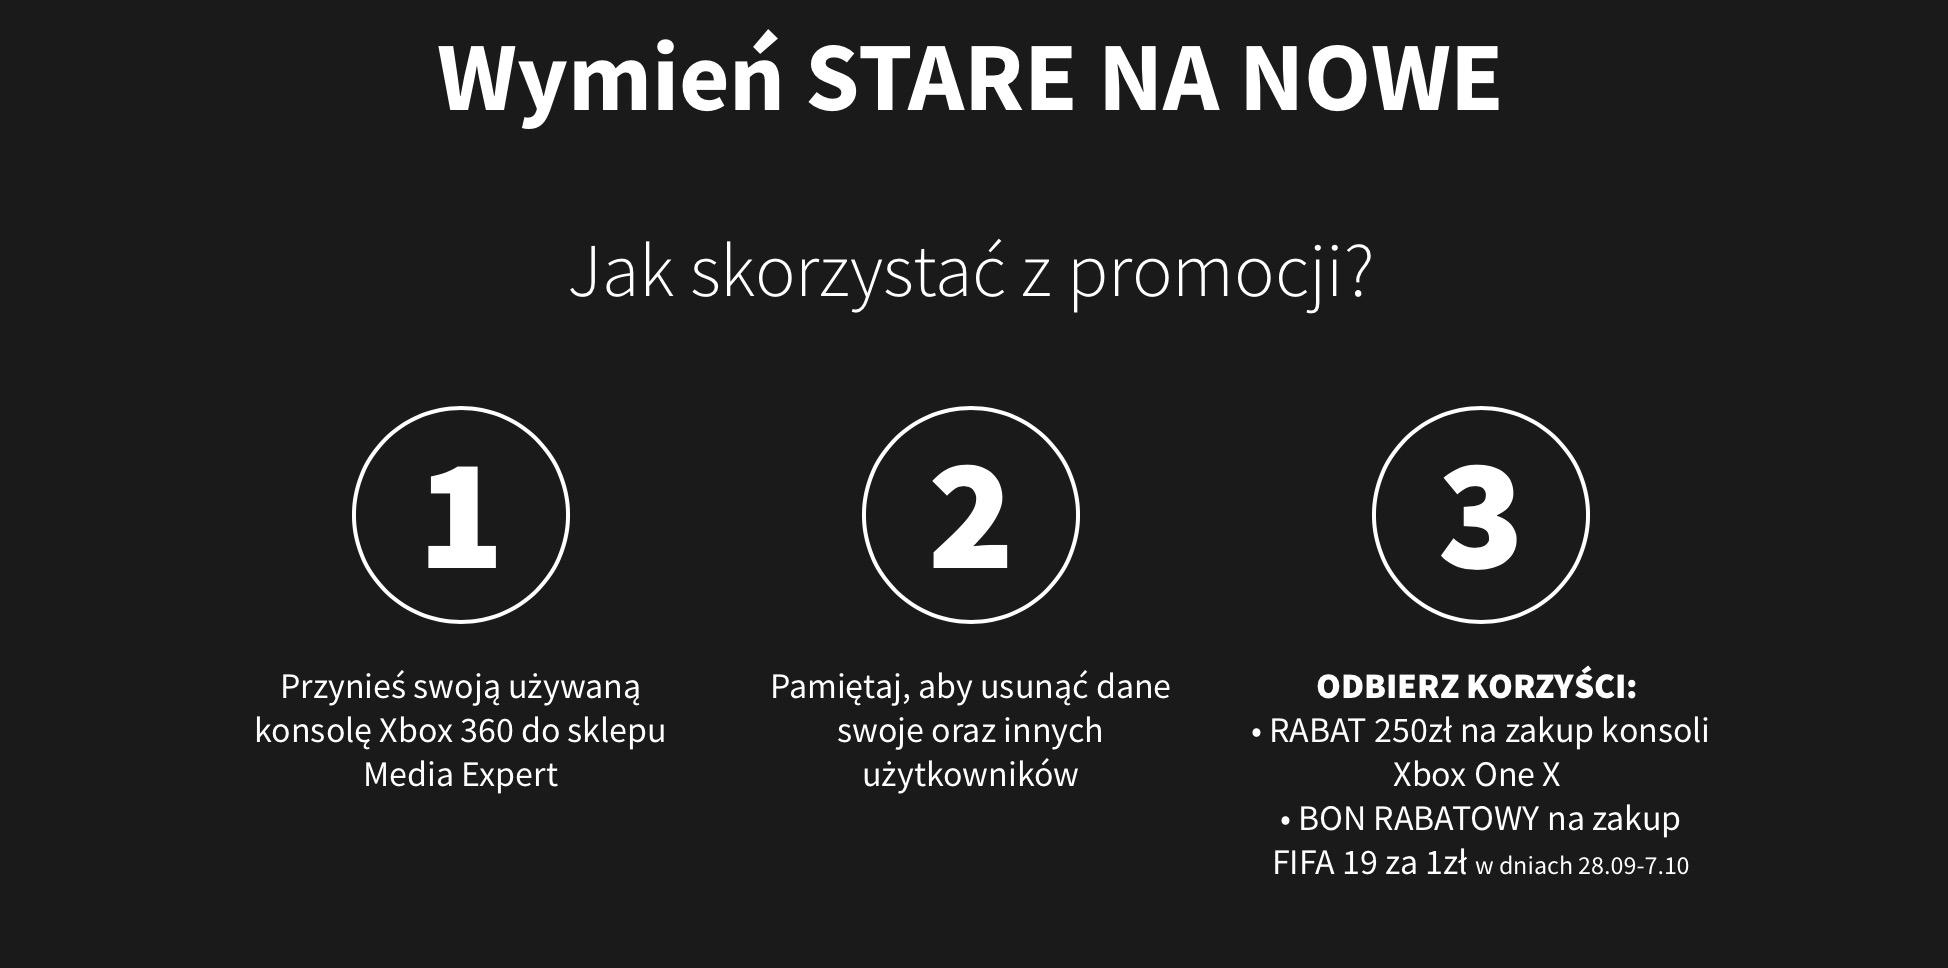 Xbox One X promocja